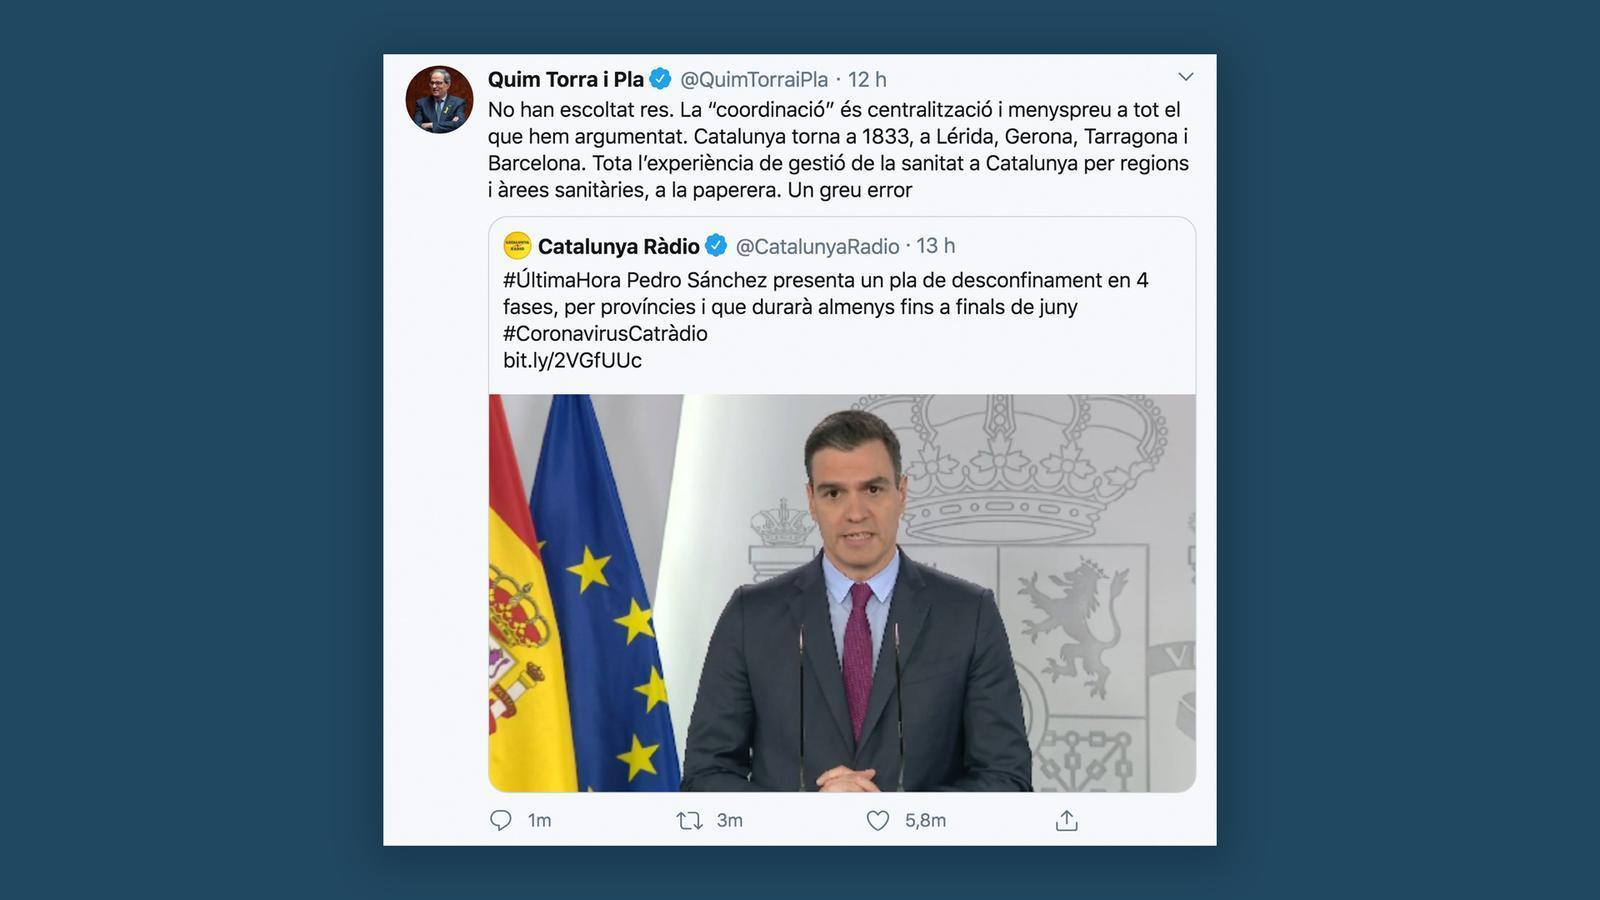 """Dilluns podran obrir les botigues i Sánchez converteix les províncies en """"unitat territorial ordinària"""": les claus del dia amb Antoni Bassas (29/04/2020)"""